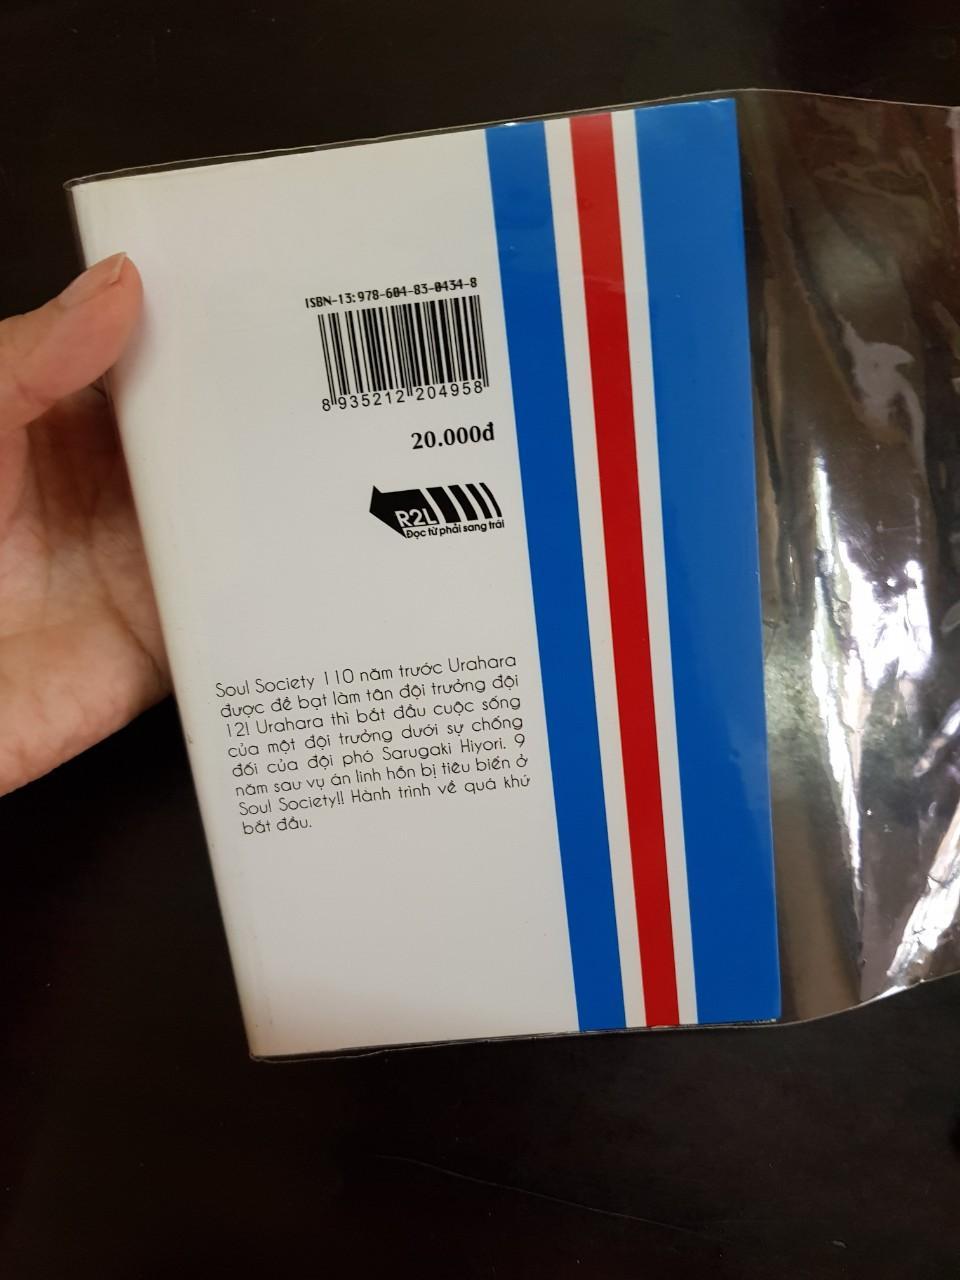 Mua Bọc bìa, bao bìa truyện tranh (khổ 11,3 x 17,6cm) mã sp: TPS3 (combo 10 cái)